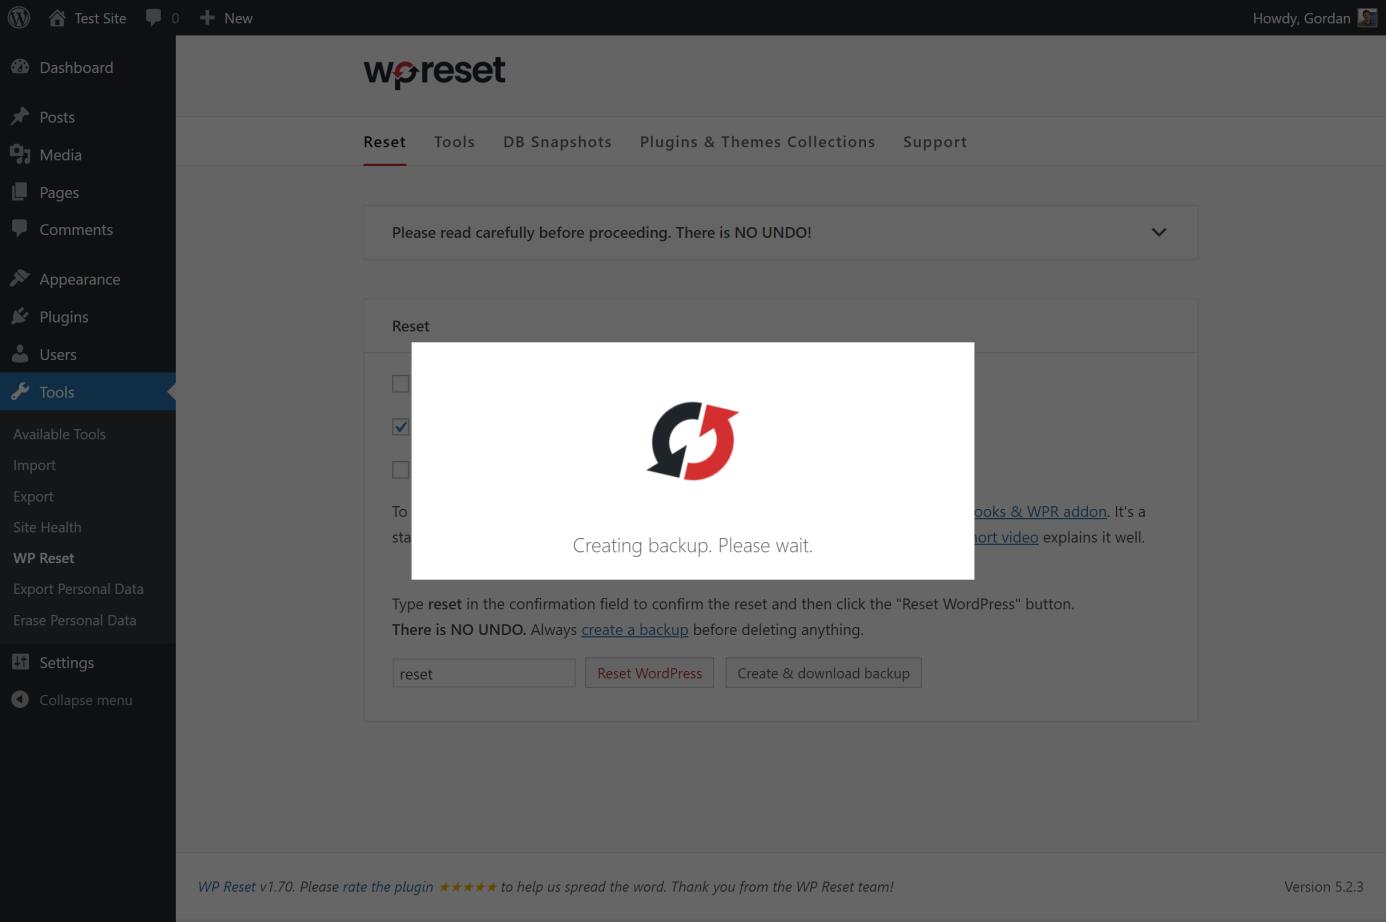 creating website backup